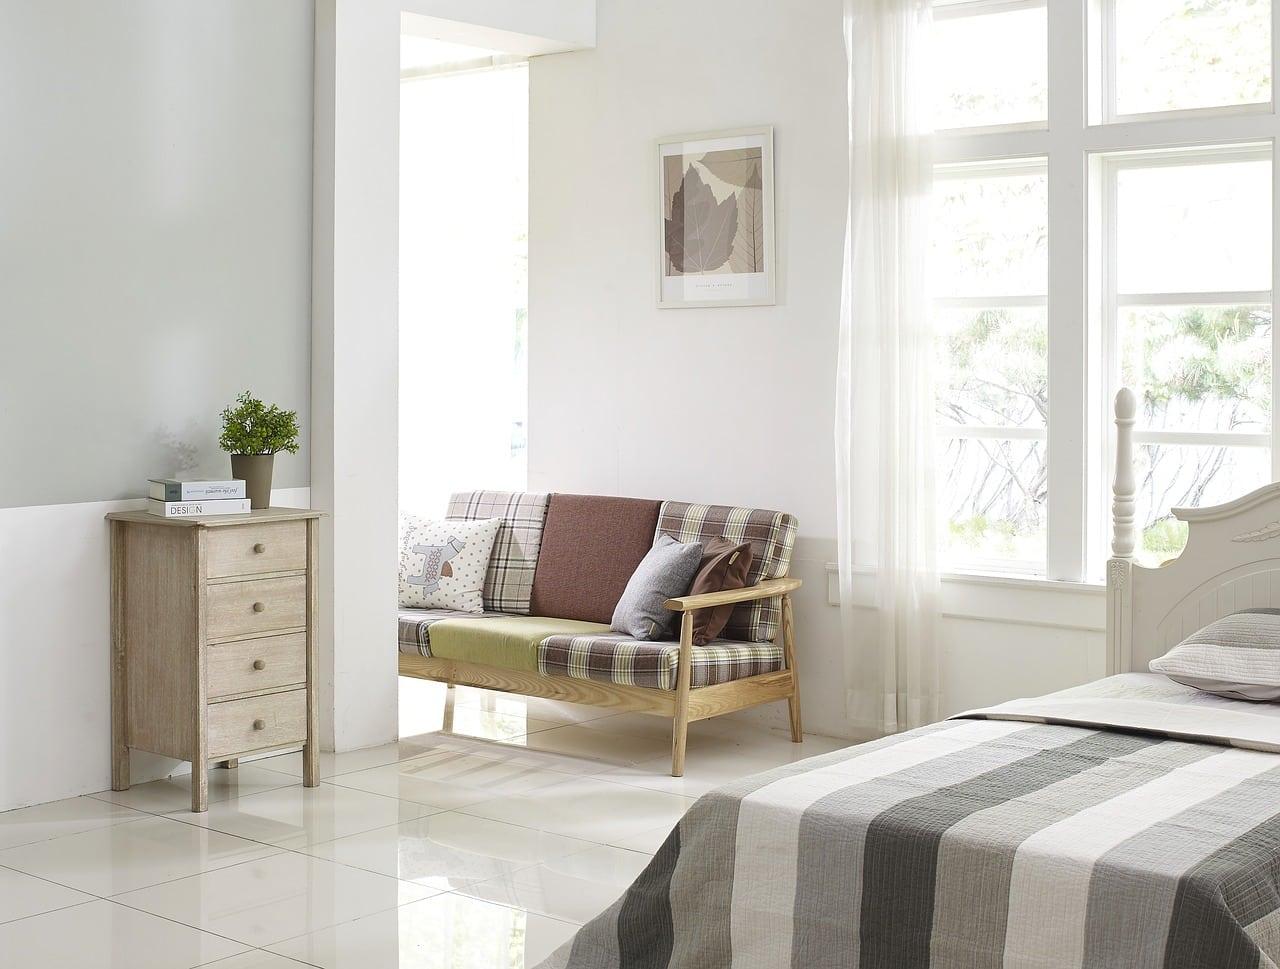 ▻das schlafzimmer einrichten - ✓hilfreiche tipps und absolute no-gos